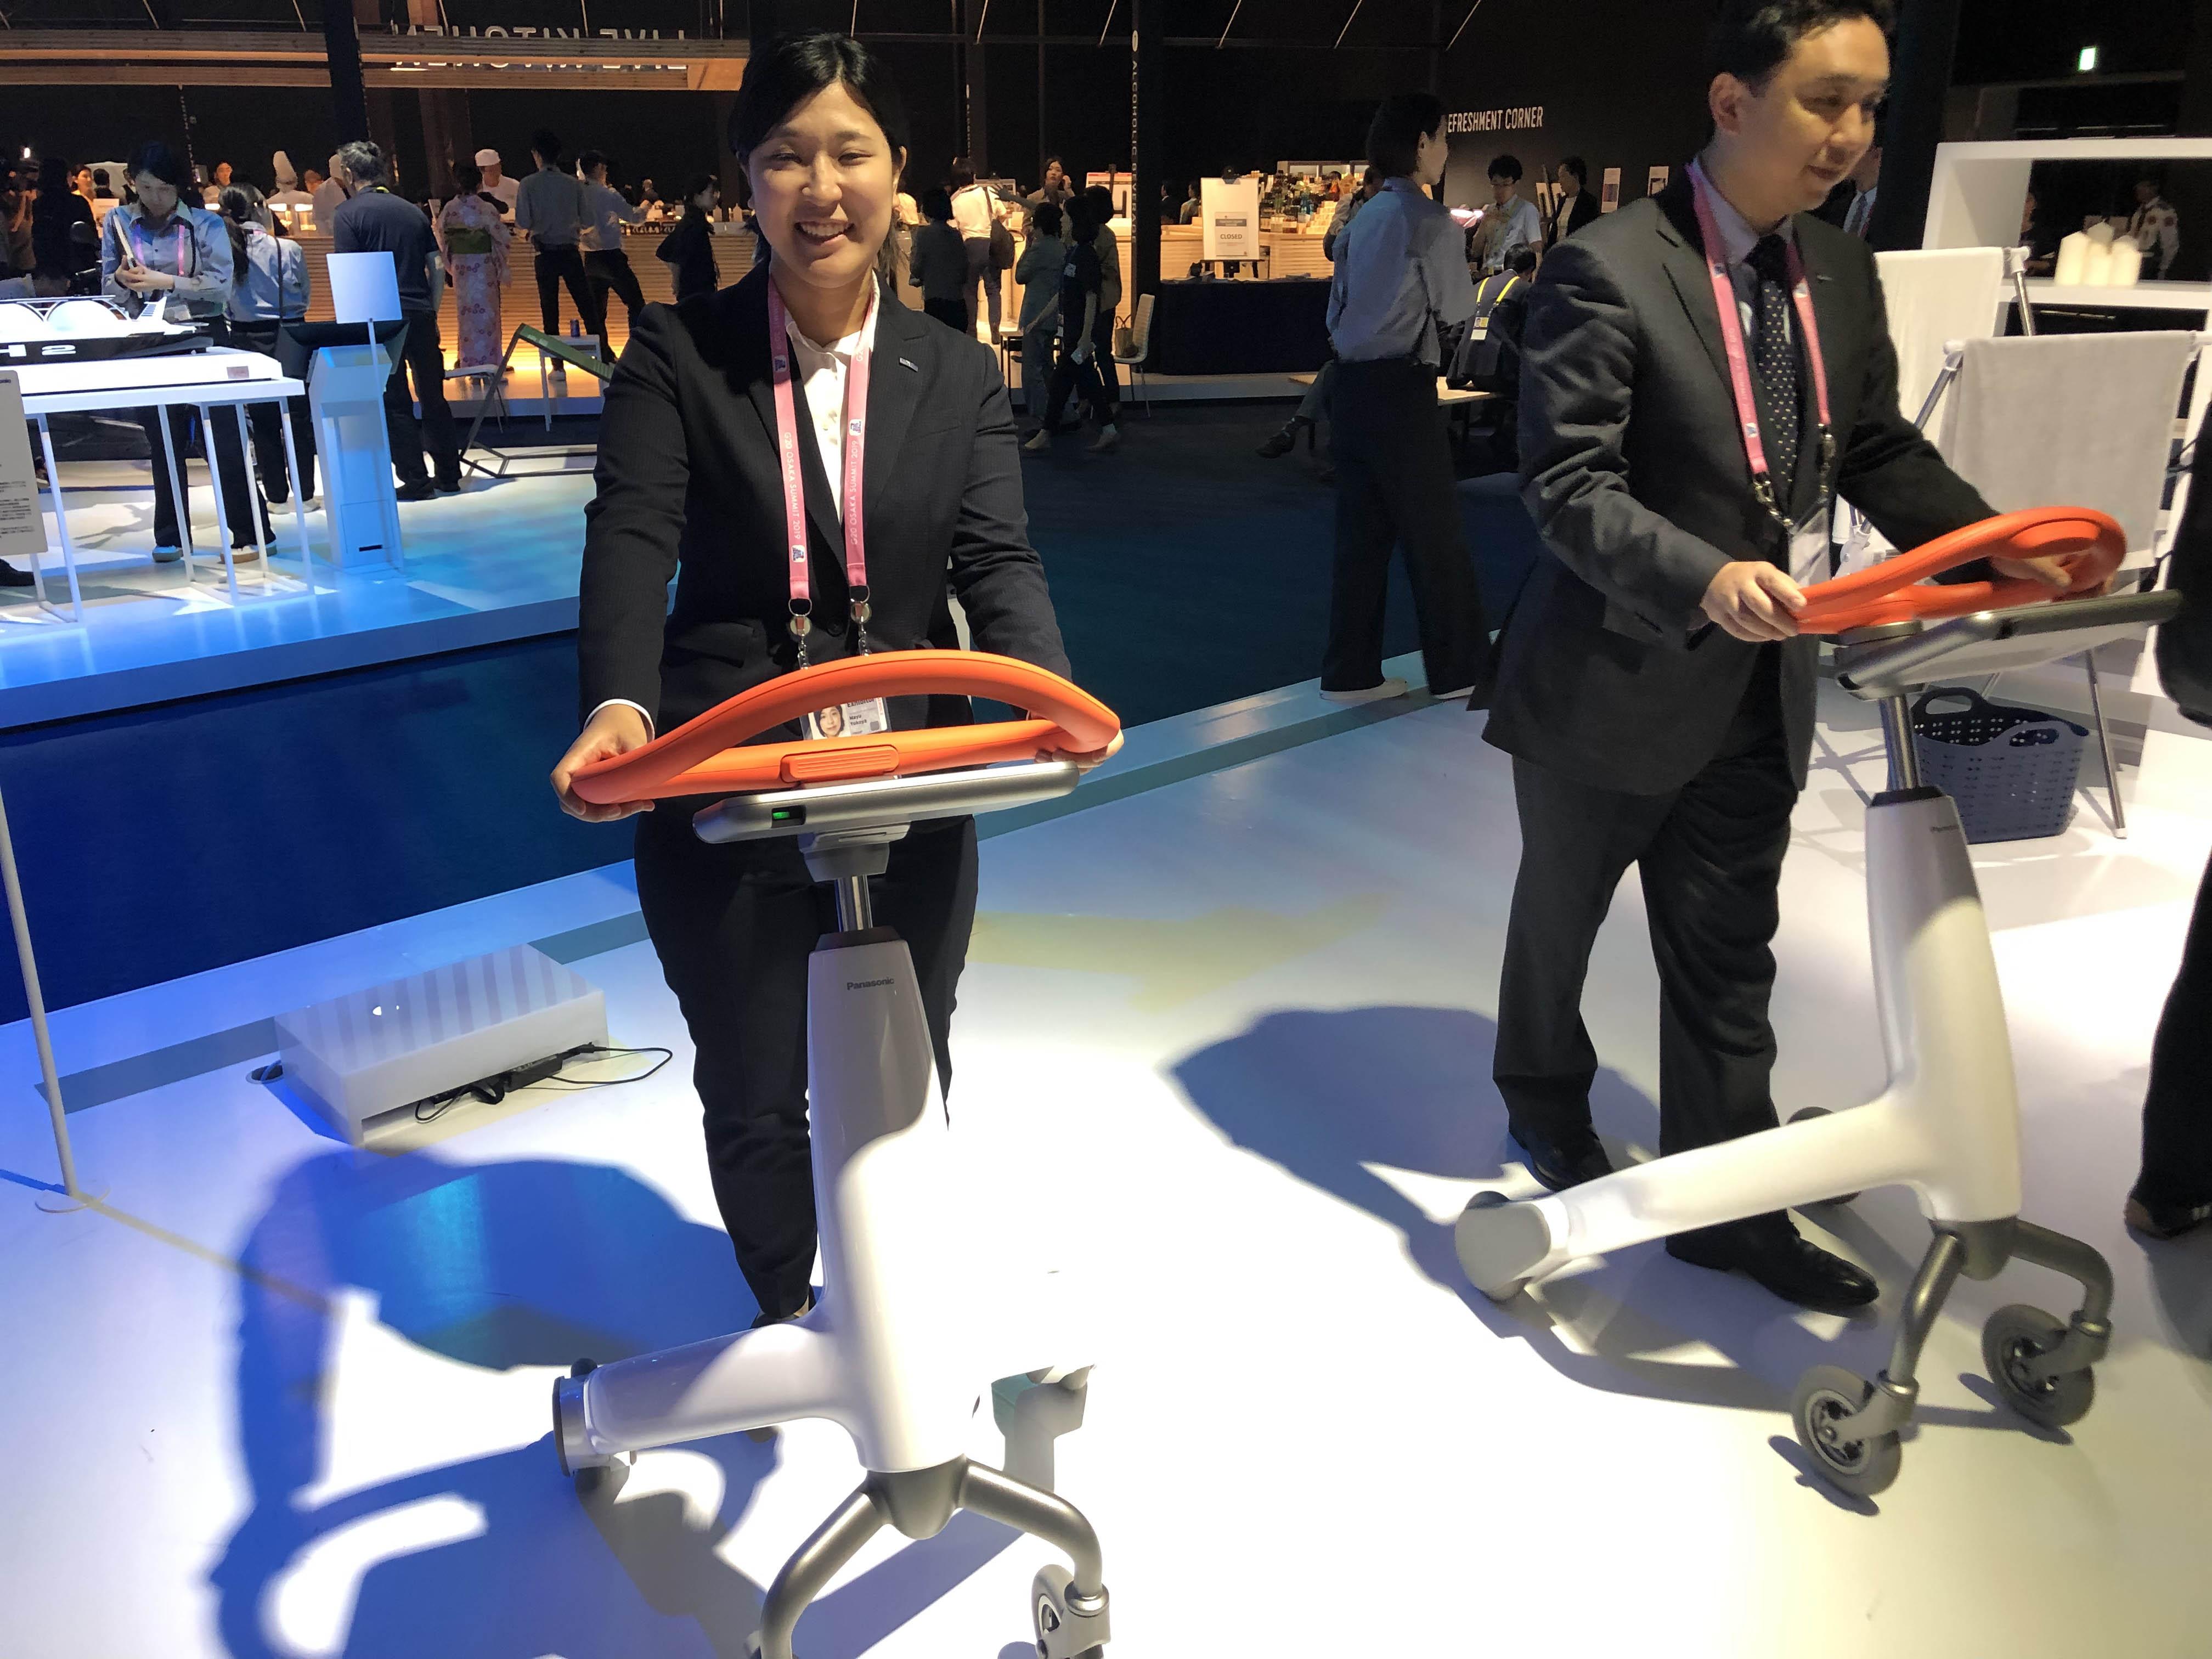 步行训练机器人